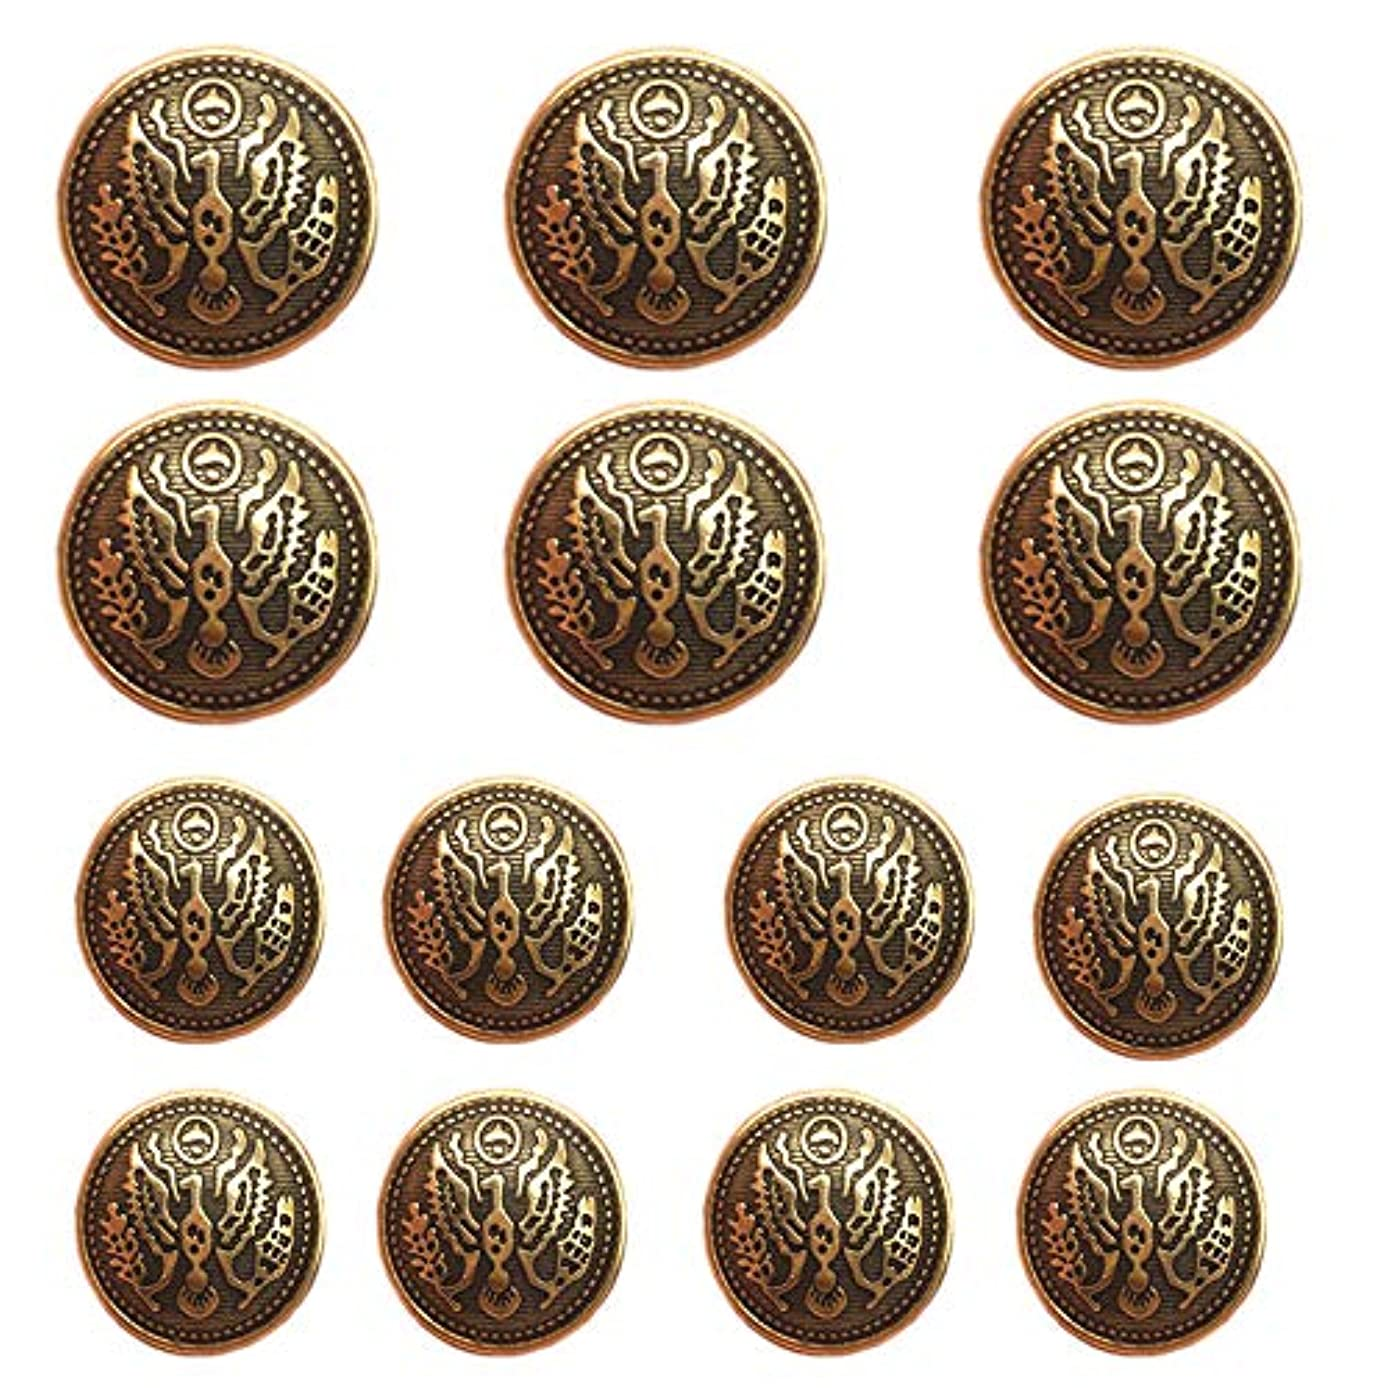 YaHoGa 14pcs Antique Gold Blazer Buttons for Men's Suits Blazers Sport Coats 20mm 15mm Metal Shank Blazer Buttons Set for Sewing Coats Suits Blazers (MB20050)